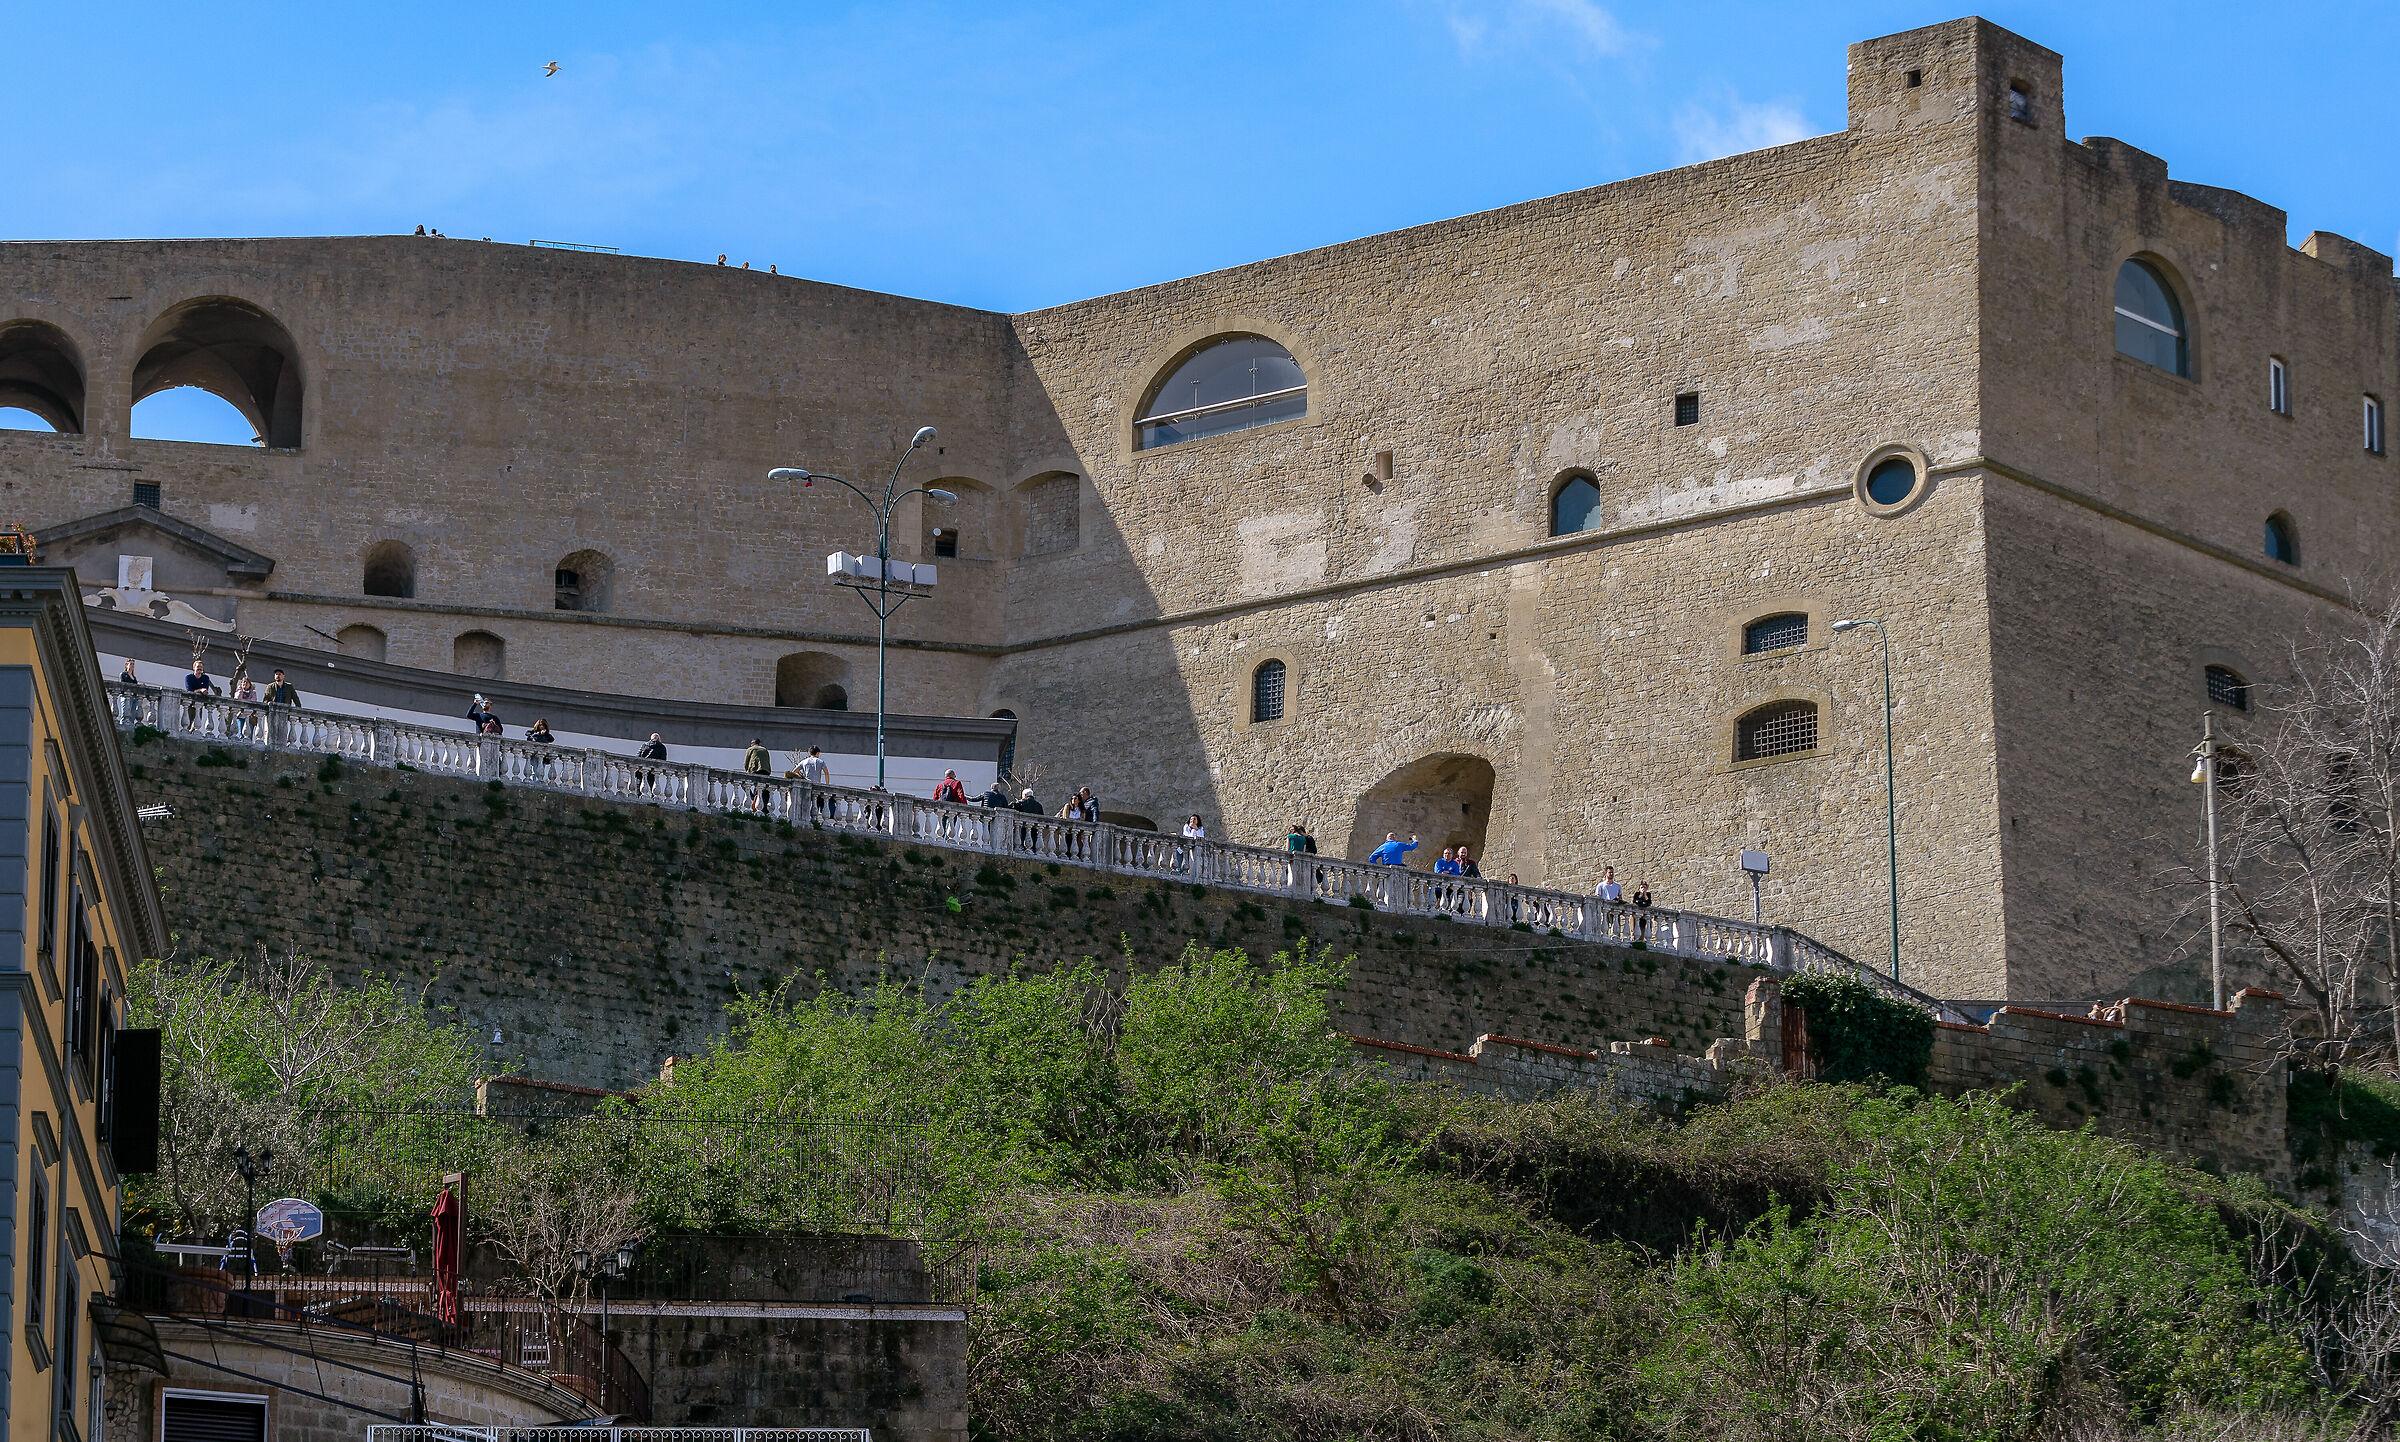 Si vede la facciata del castello...